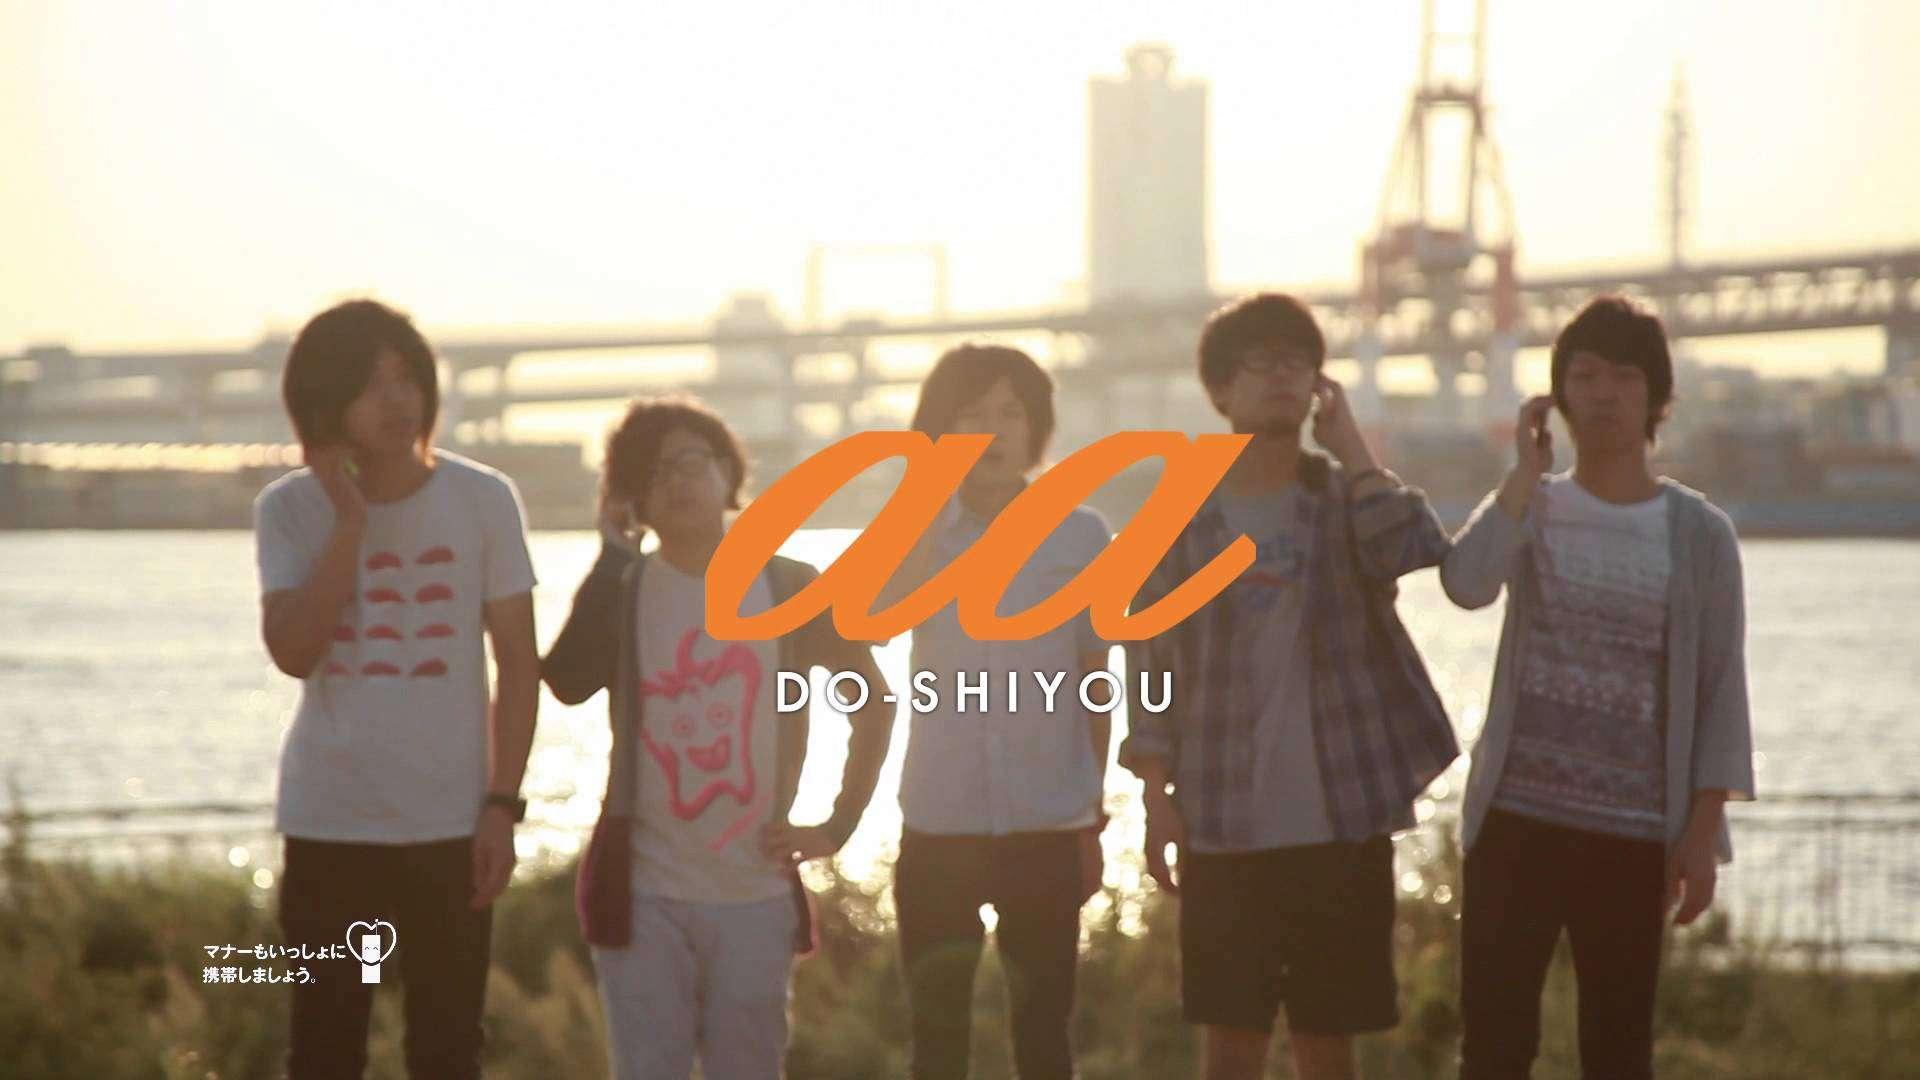 キュウソネコカミー「ファントムヴァイブレーション」PV - YouTube